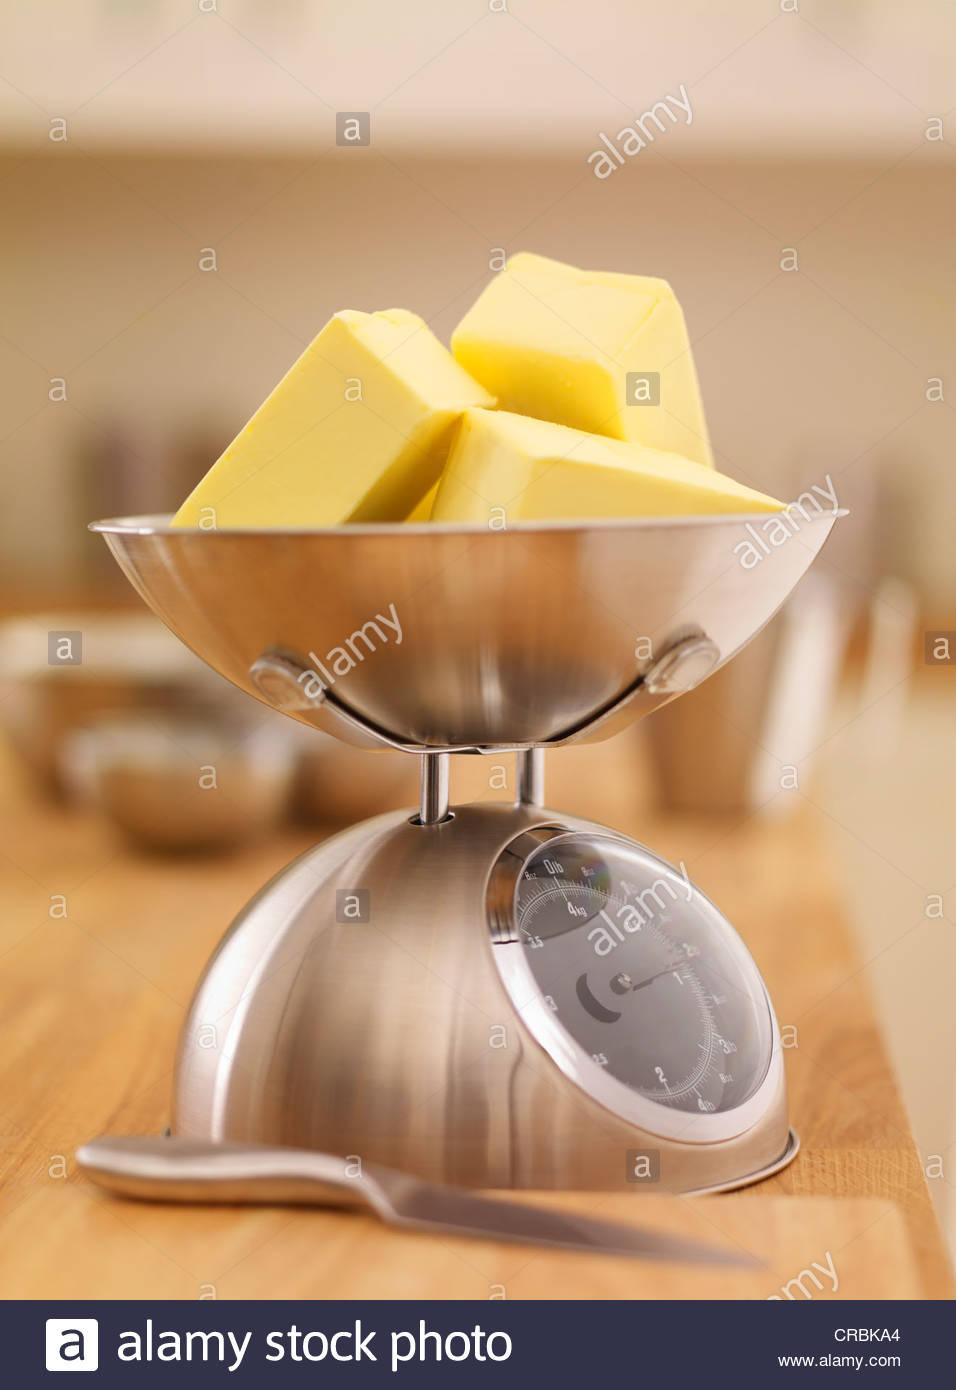 Aggiungere i cubetti di burro sulla scala Immagini Stock